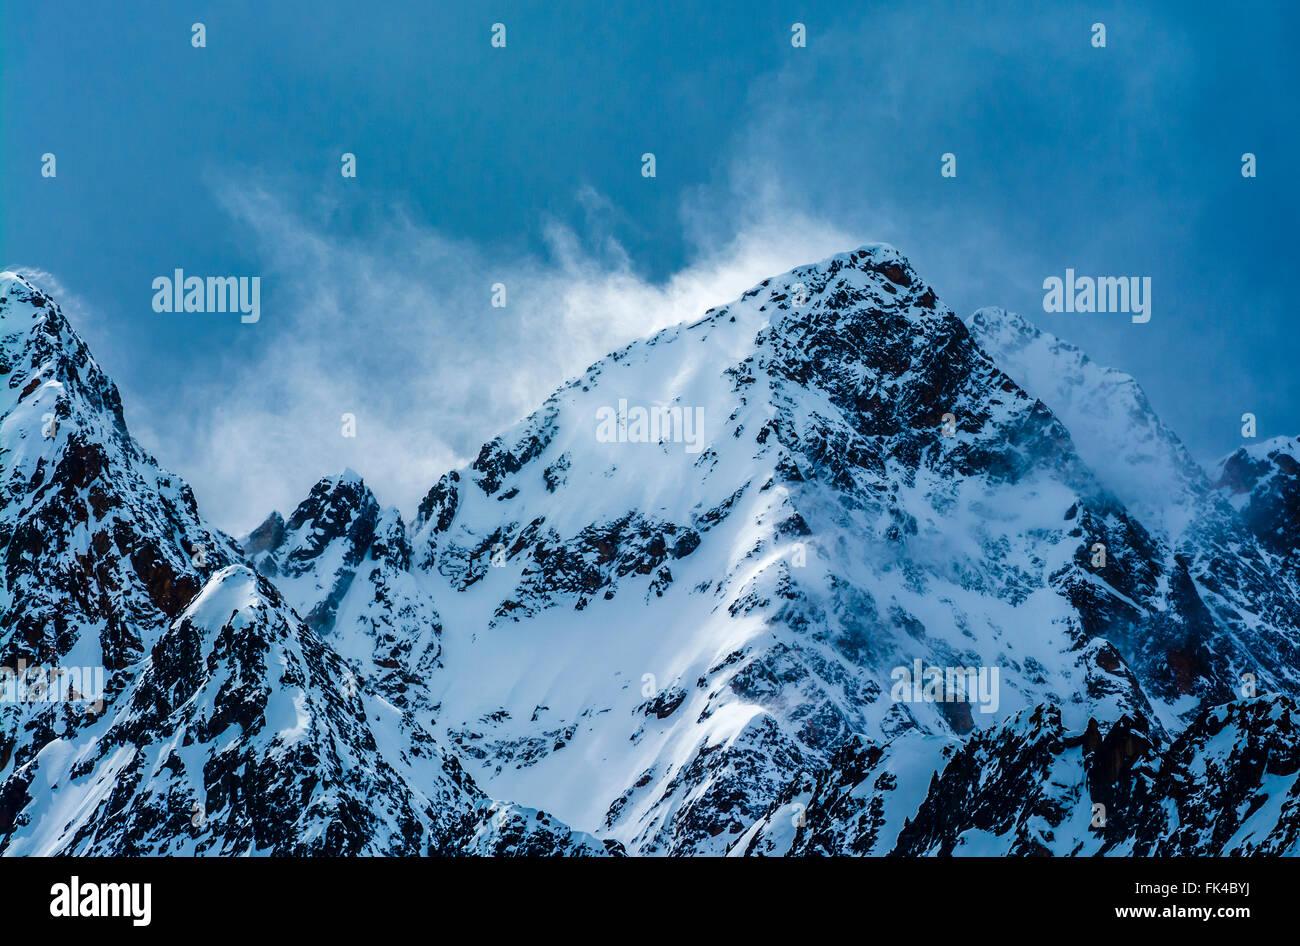 Wirbelnden Schnee gefangen im Licht auf einem stürmischen Berg in Österreich. Stockbild